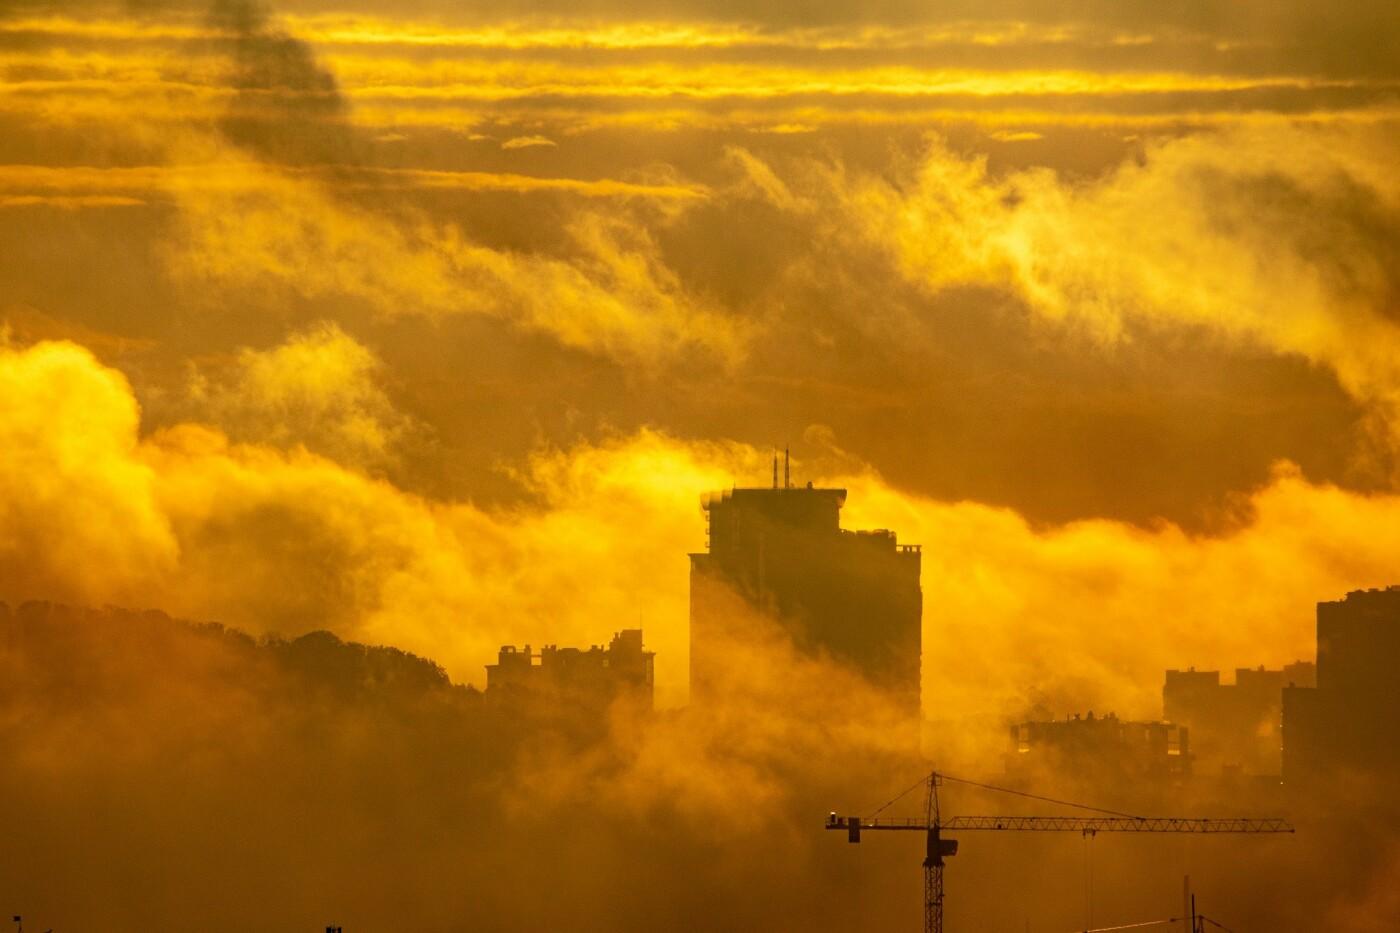 Туман в Киеве: жители столицы показали захватывающие фото ночного города , фото-1, Фото: Vladyslav Sodel